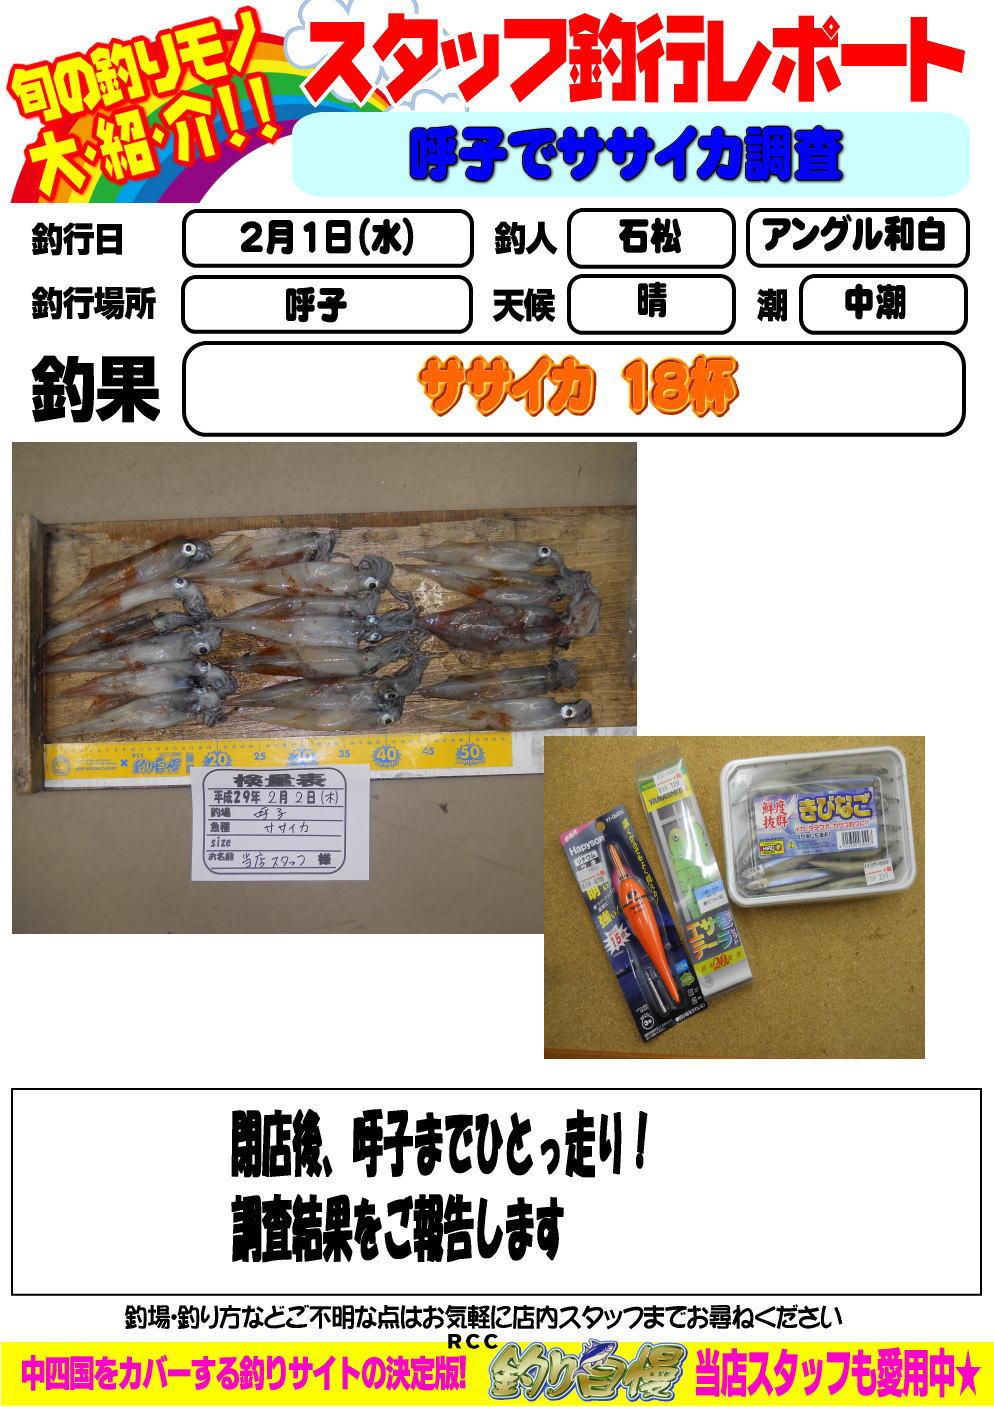 http://www.e-angle.co.jp/shop/blog/%E3%82%B5%E3%82%B5%E3%82%A4%E3%82%AB2017.jpg